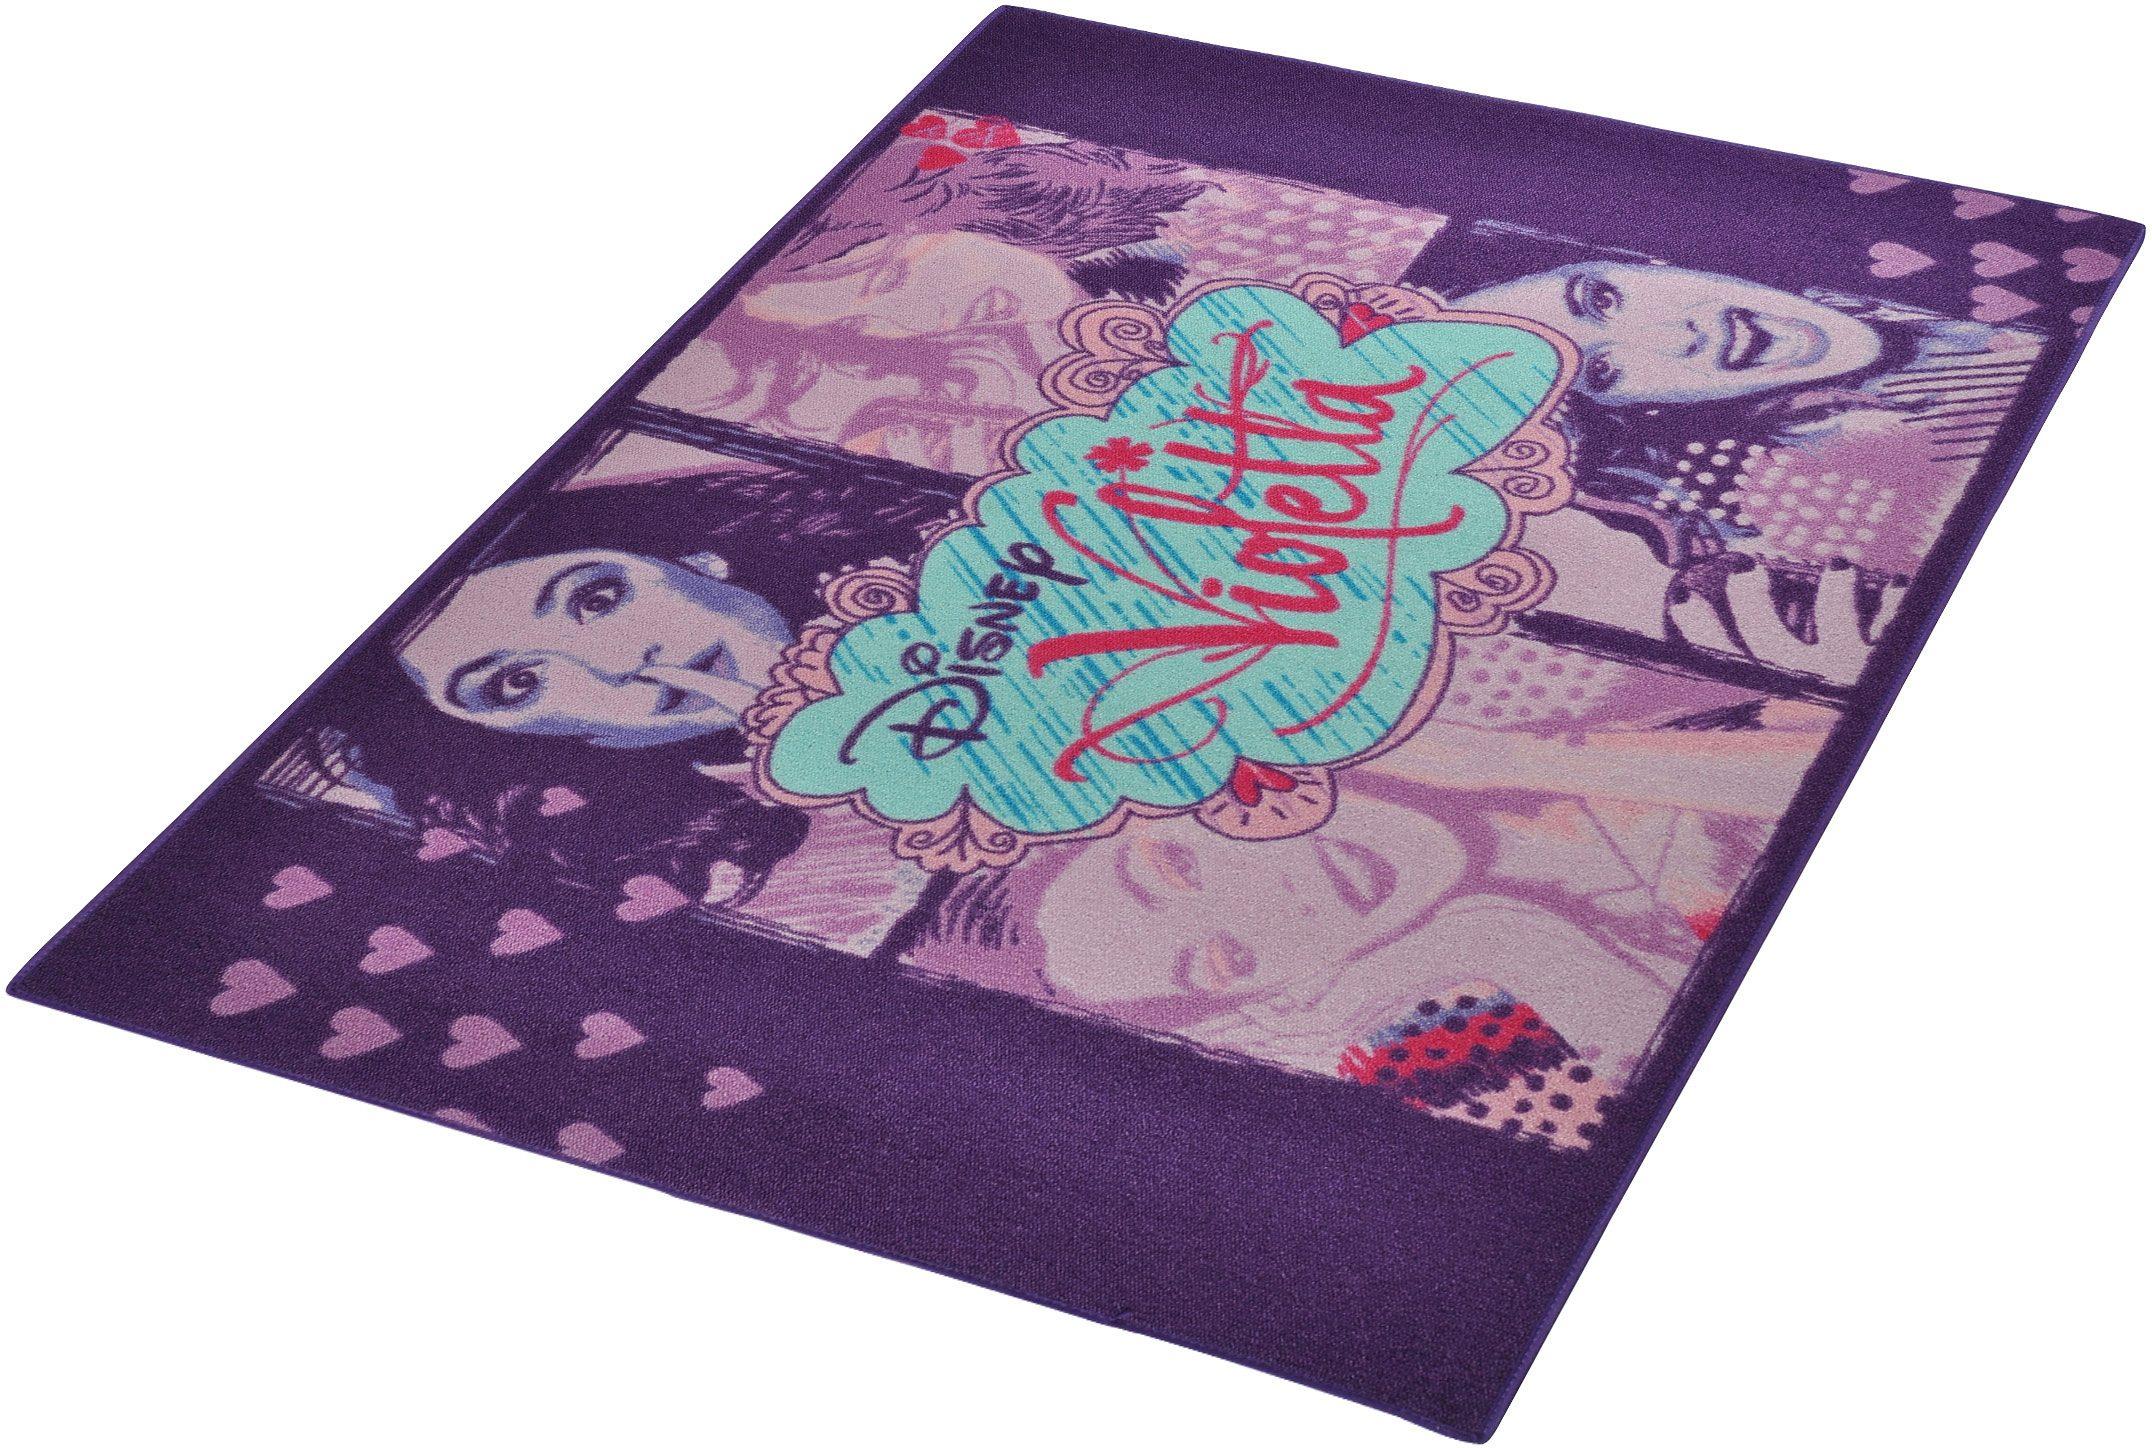 Kinder-Teppich, Disney Lizenz Teppich »Violetta - 4x«, getuftet